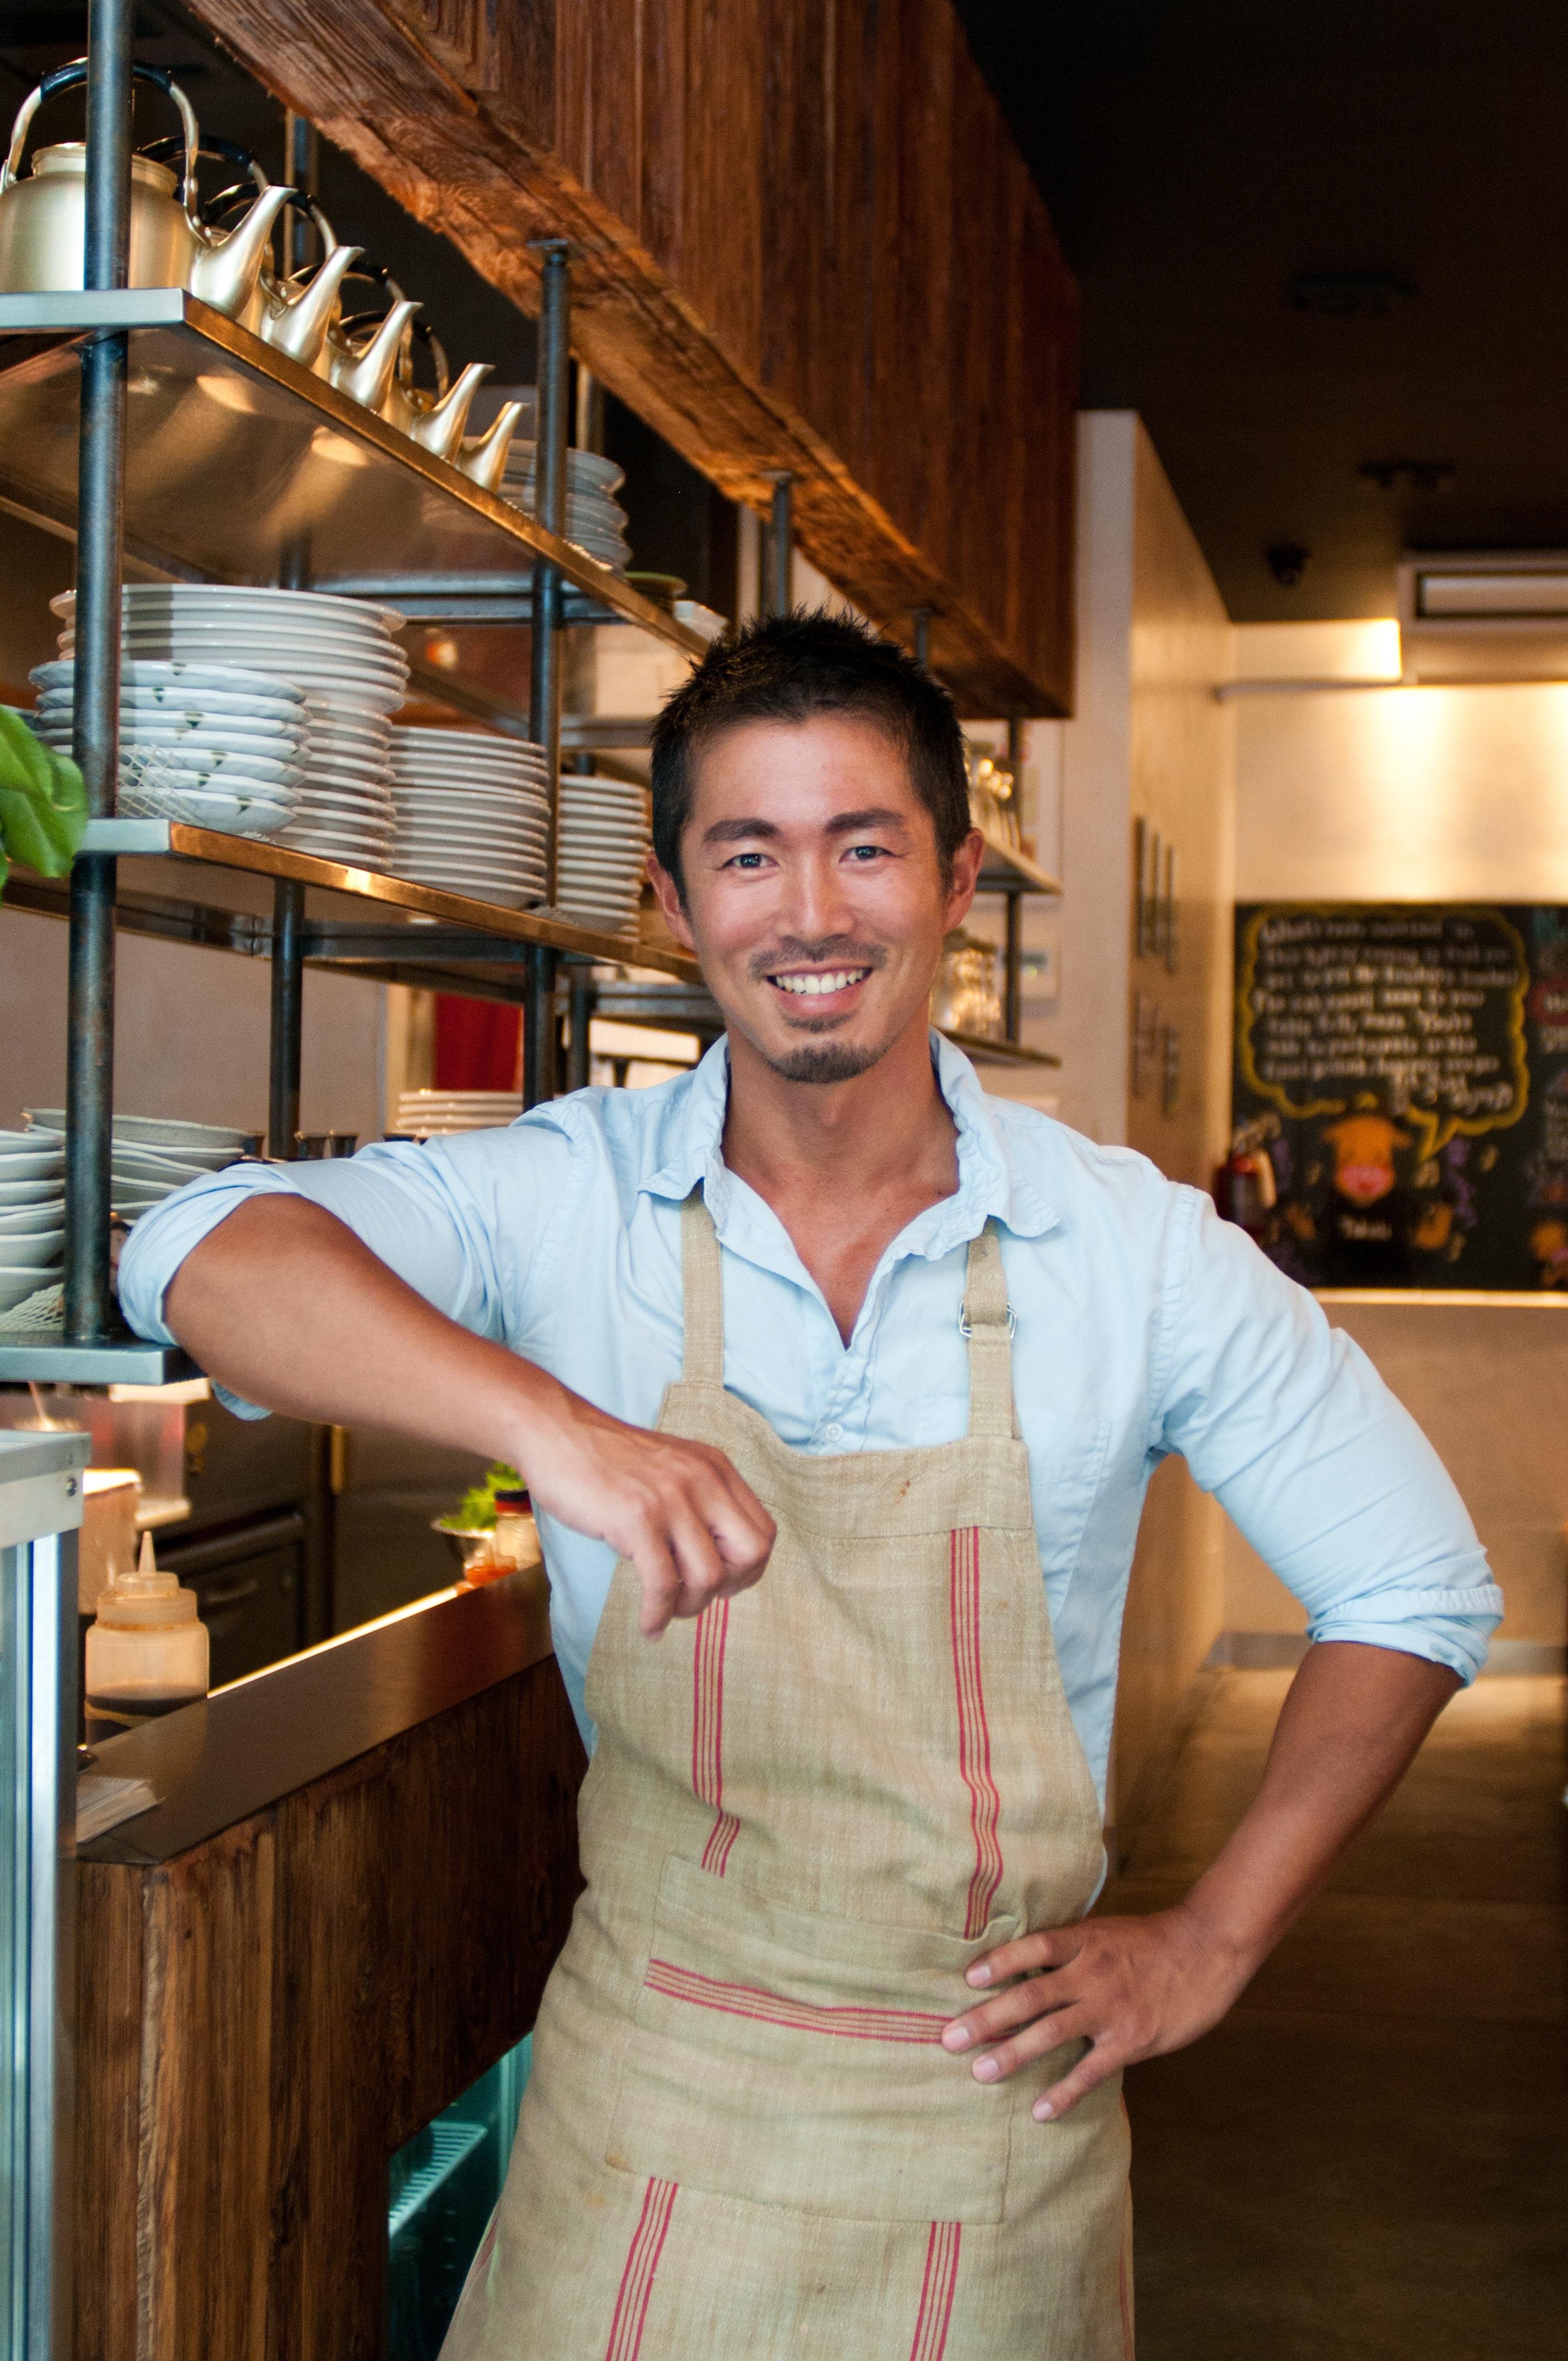 Chef Takashi Inoue of Takashi - New York, NY